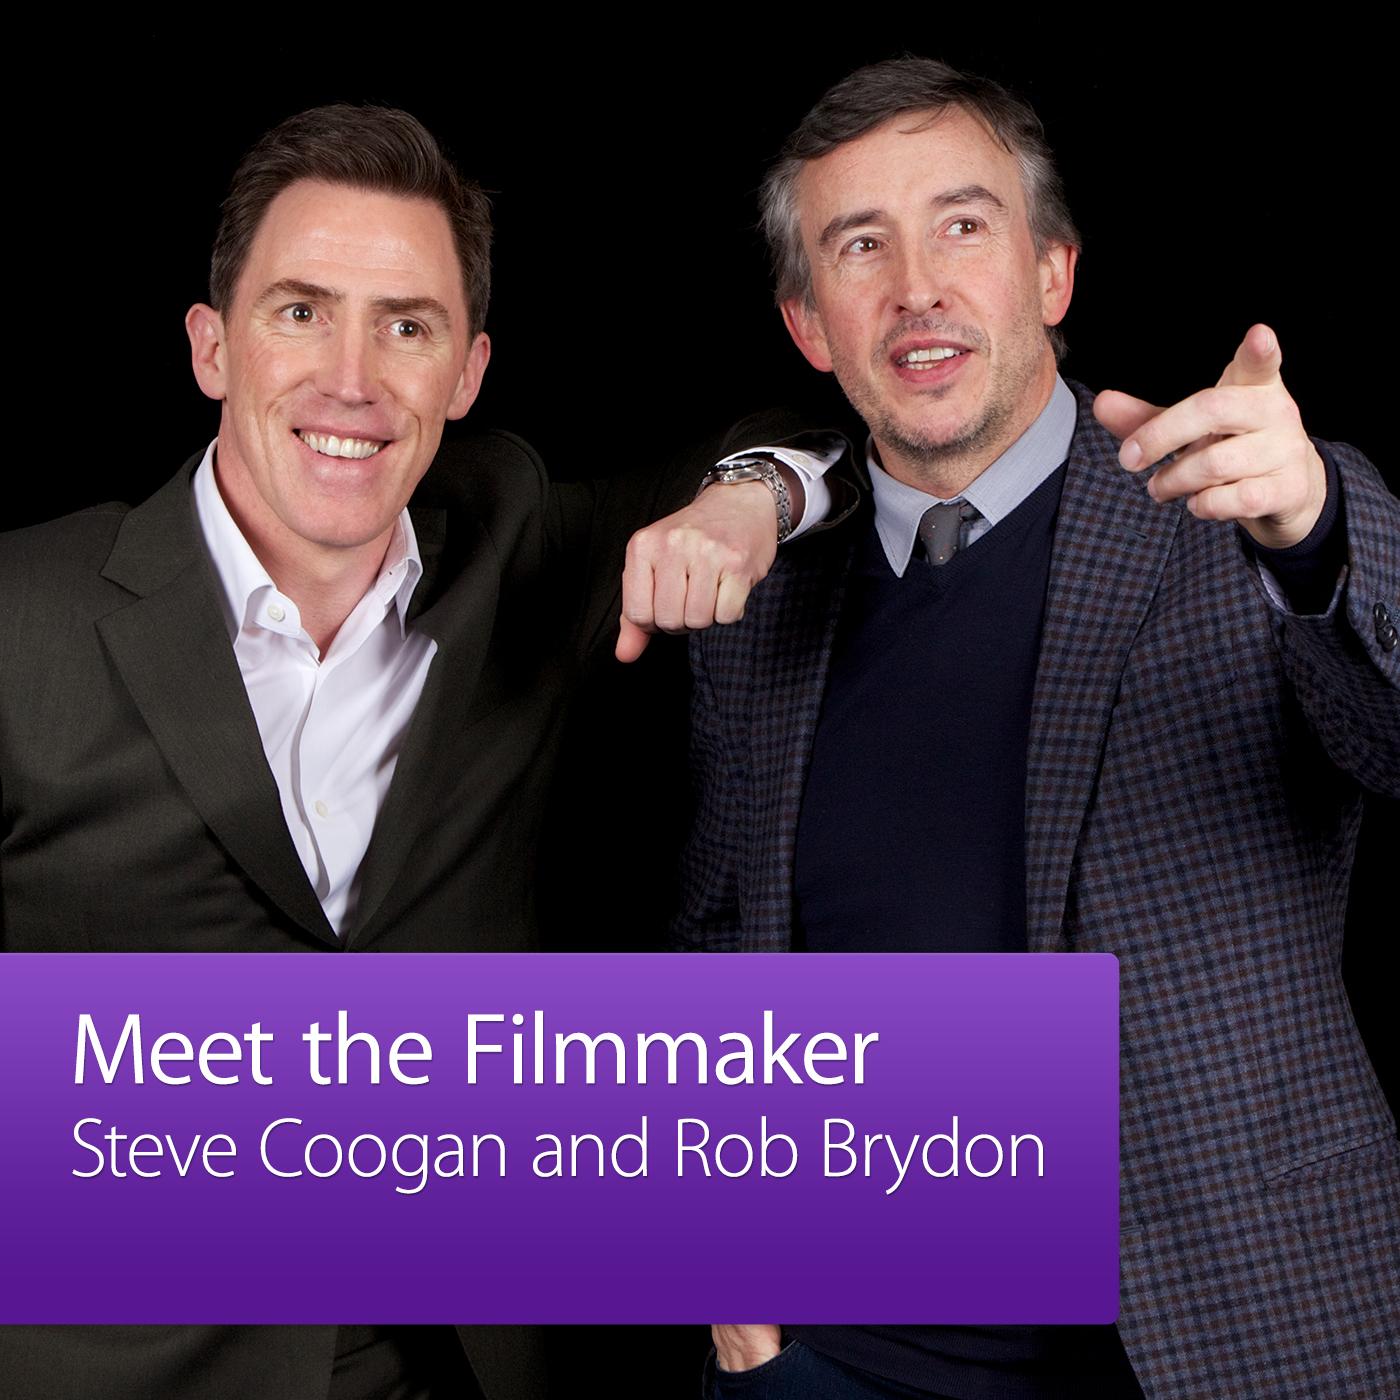 Steve Coogan and Rob Brydon: Meet the Filmmaker